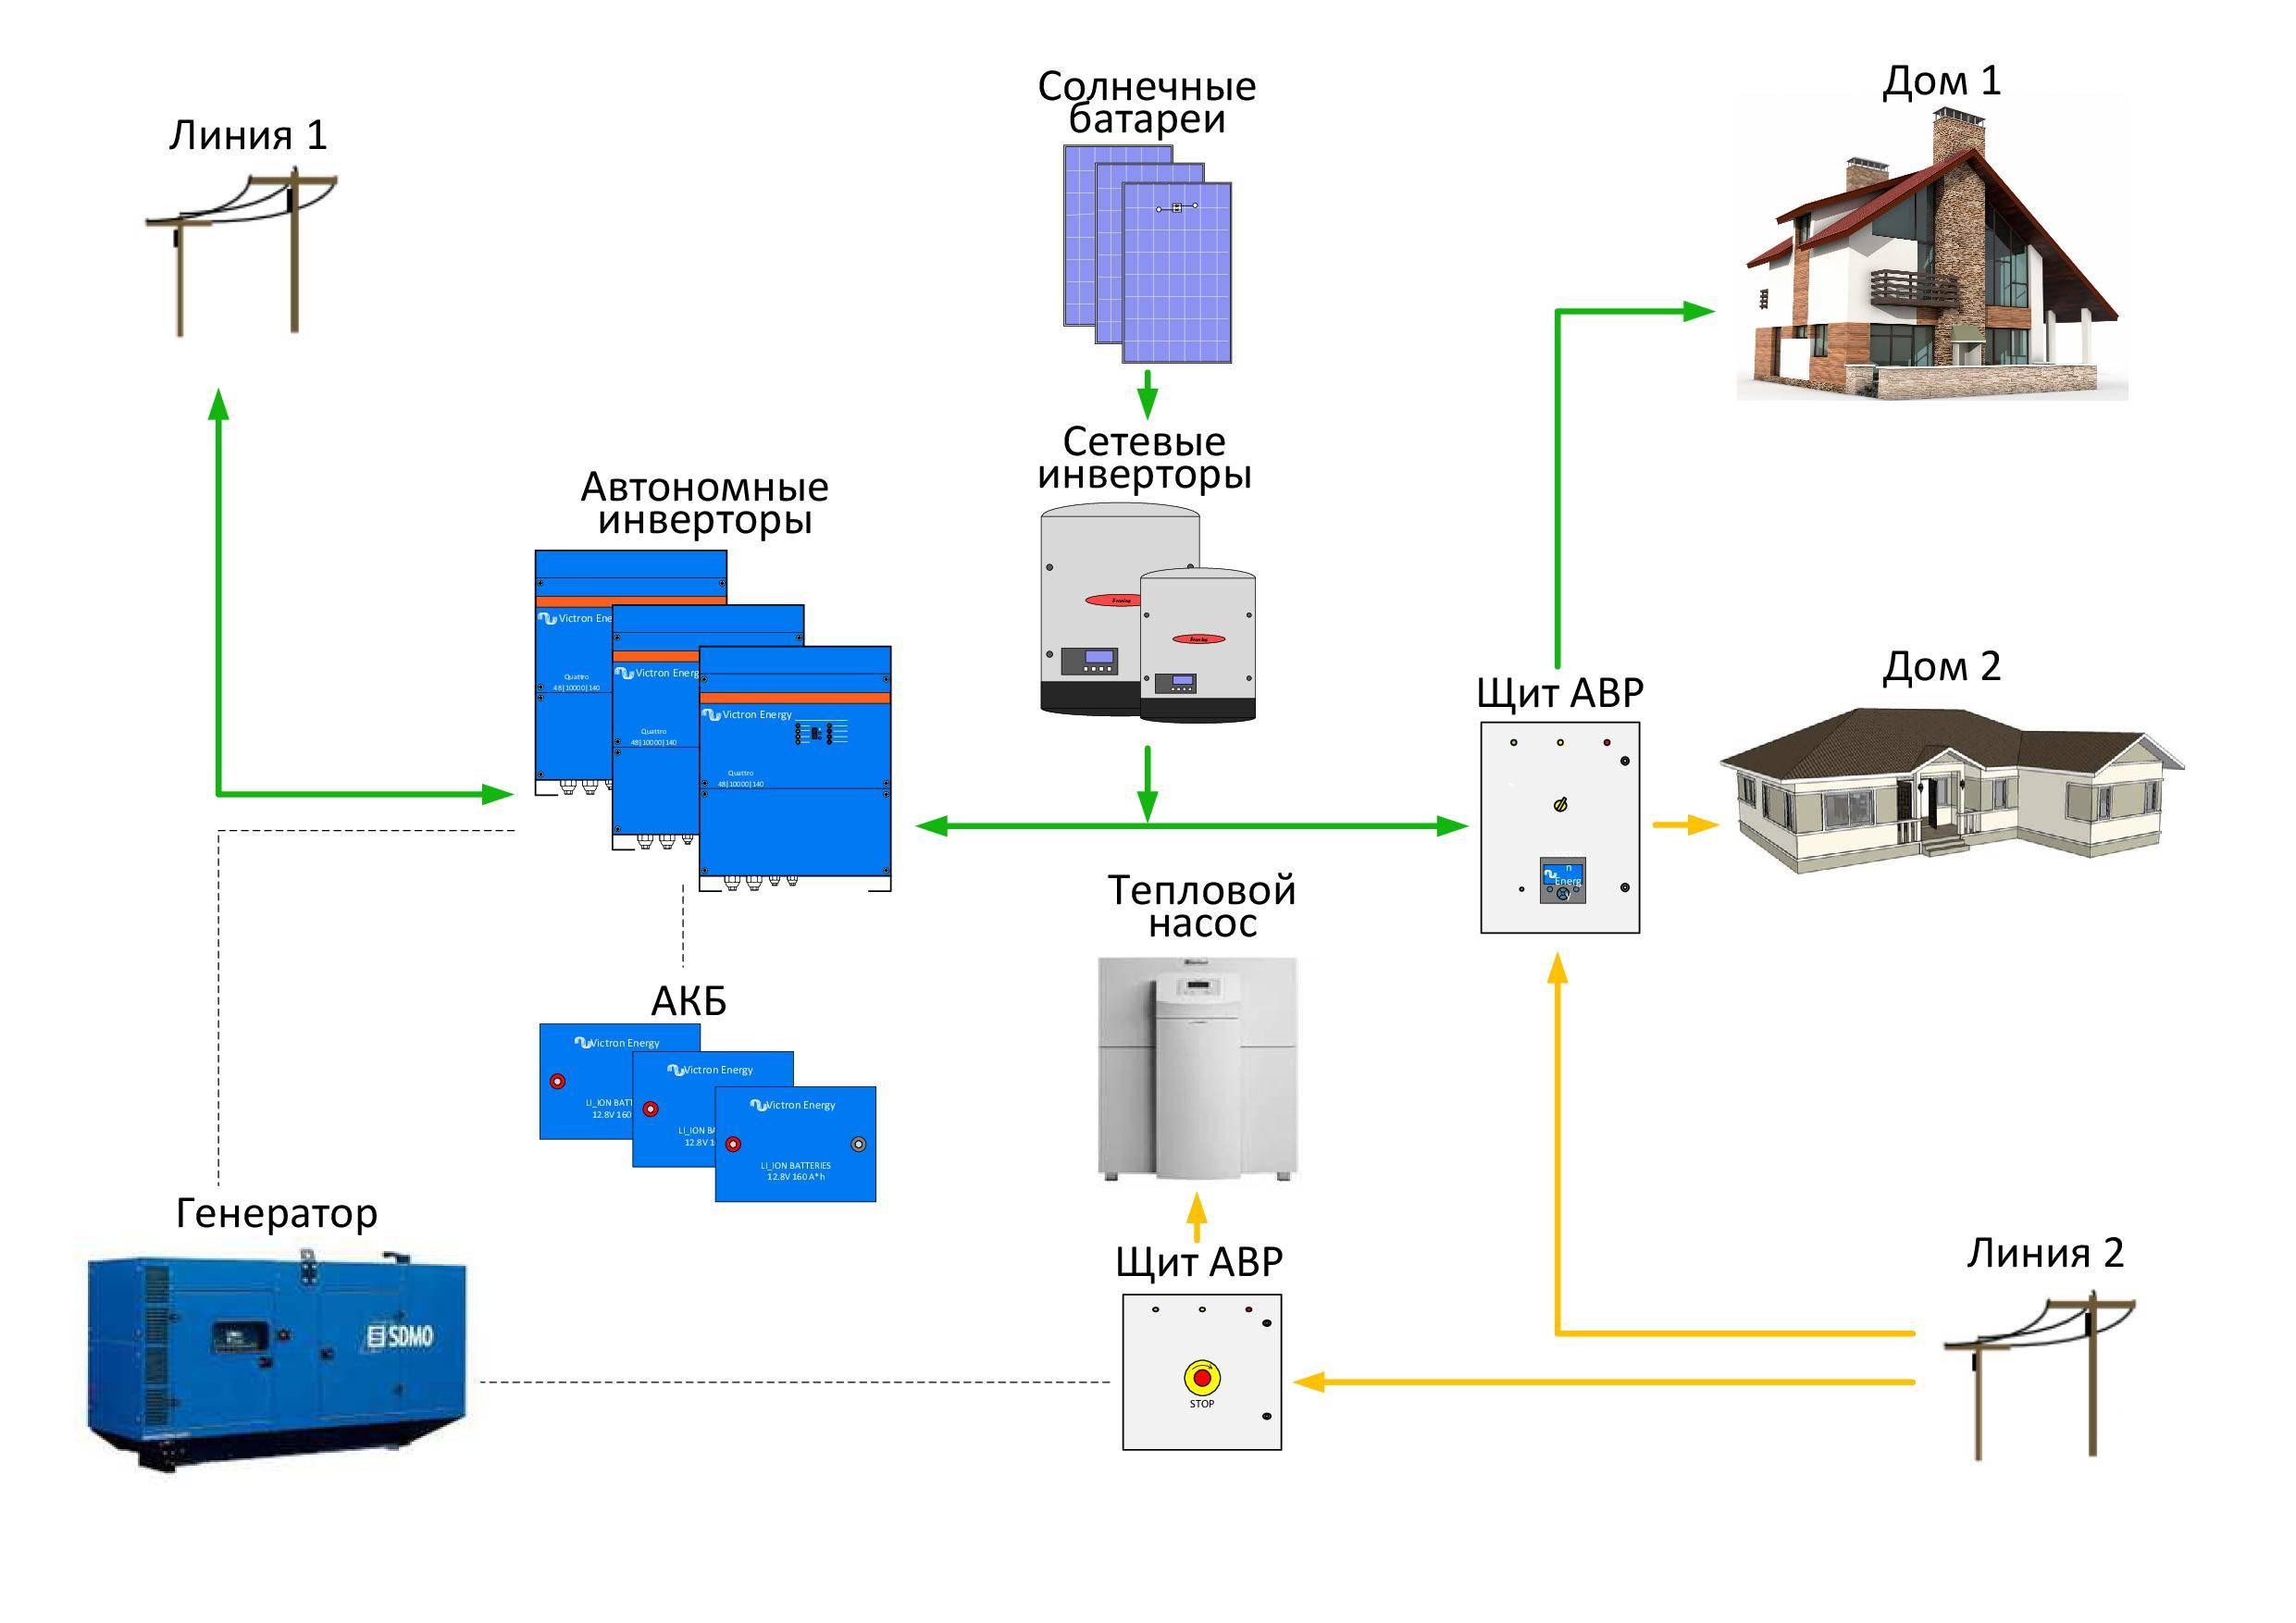 Инвертор для солнечных батарей: сетевой и гибридный, кпд и принцип работы, виды для электростанций, своими руками